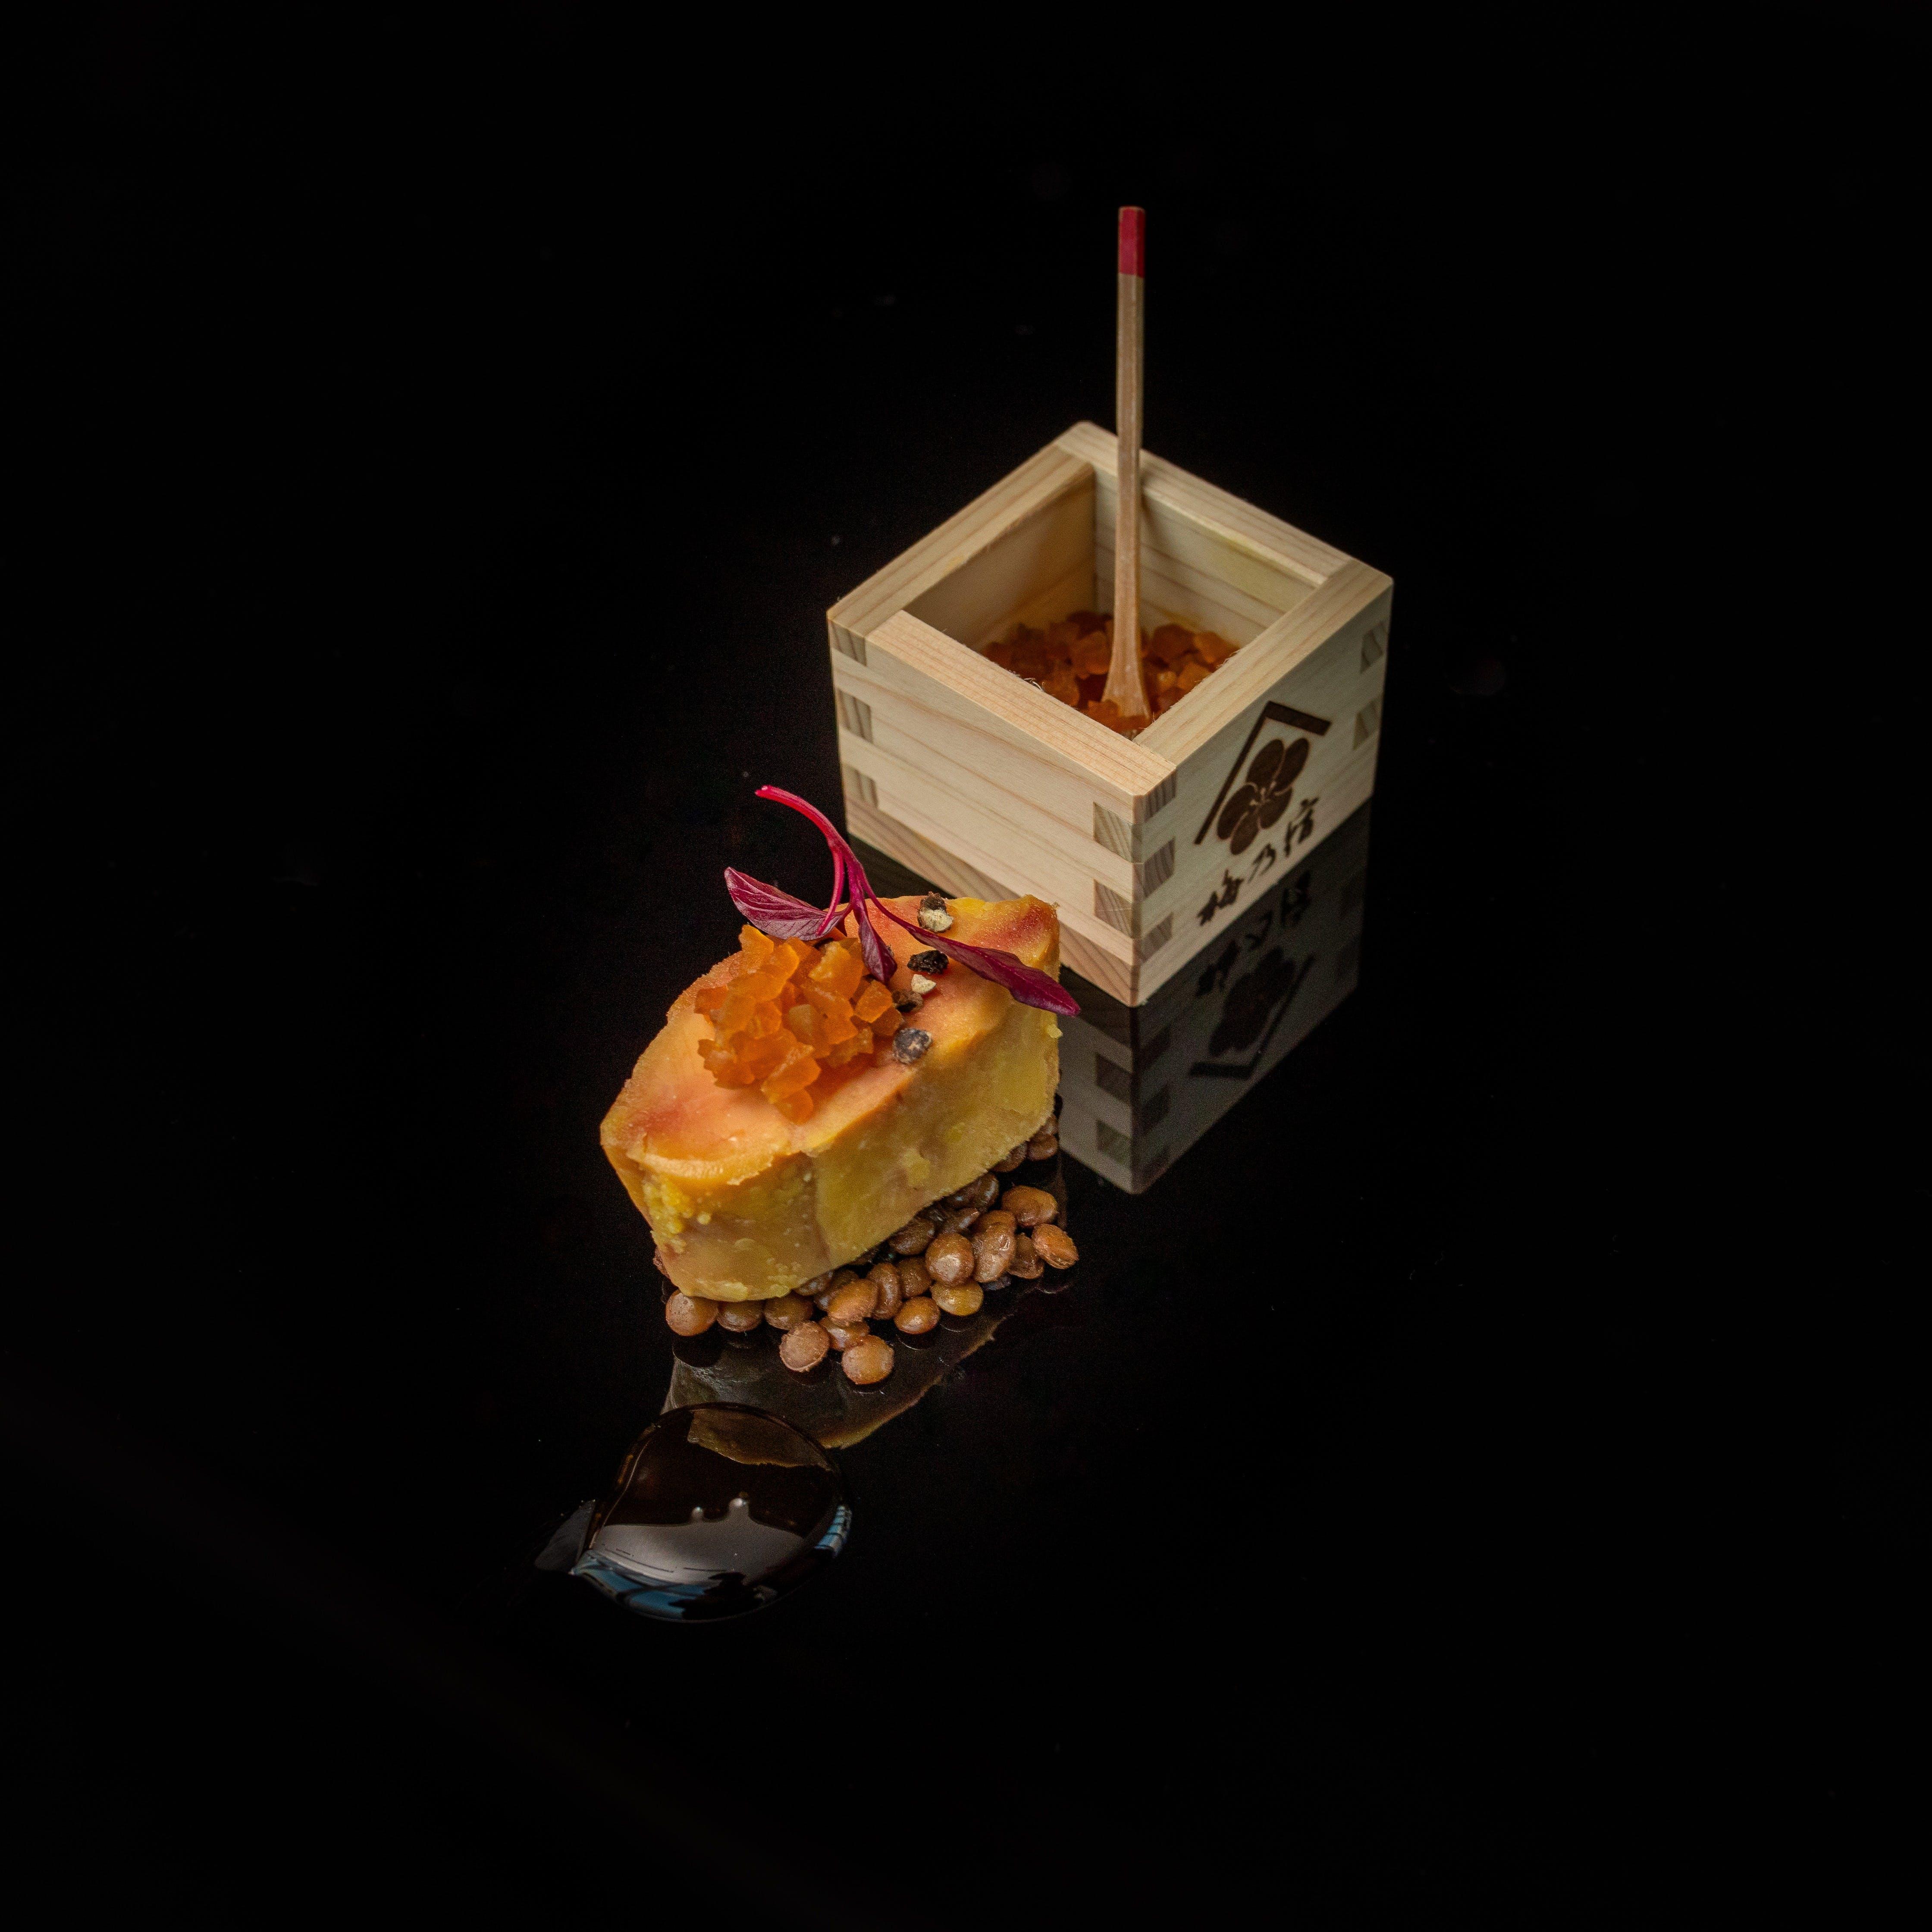 新スペシャリテ 梅乃宿酒造の酒粕漬けフォアグラの逸品 奈良漬けを添えてにグレードアップ